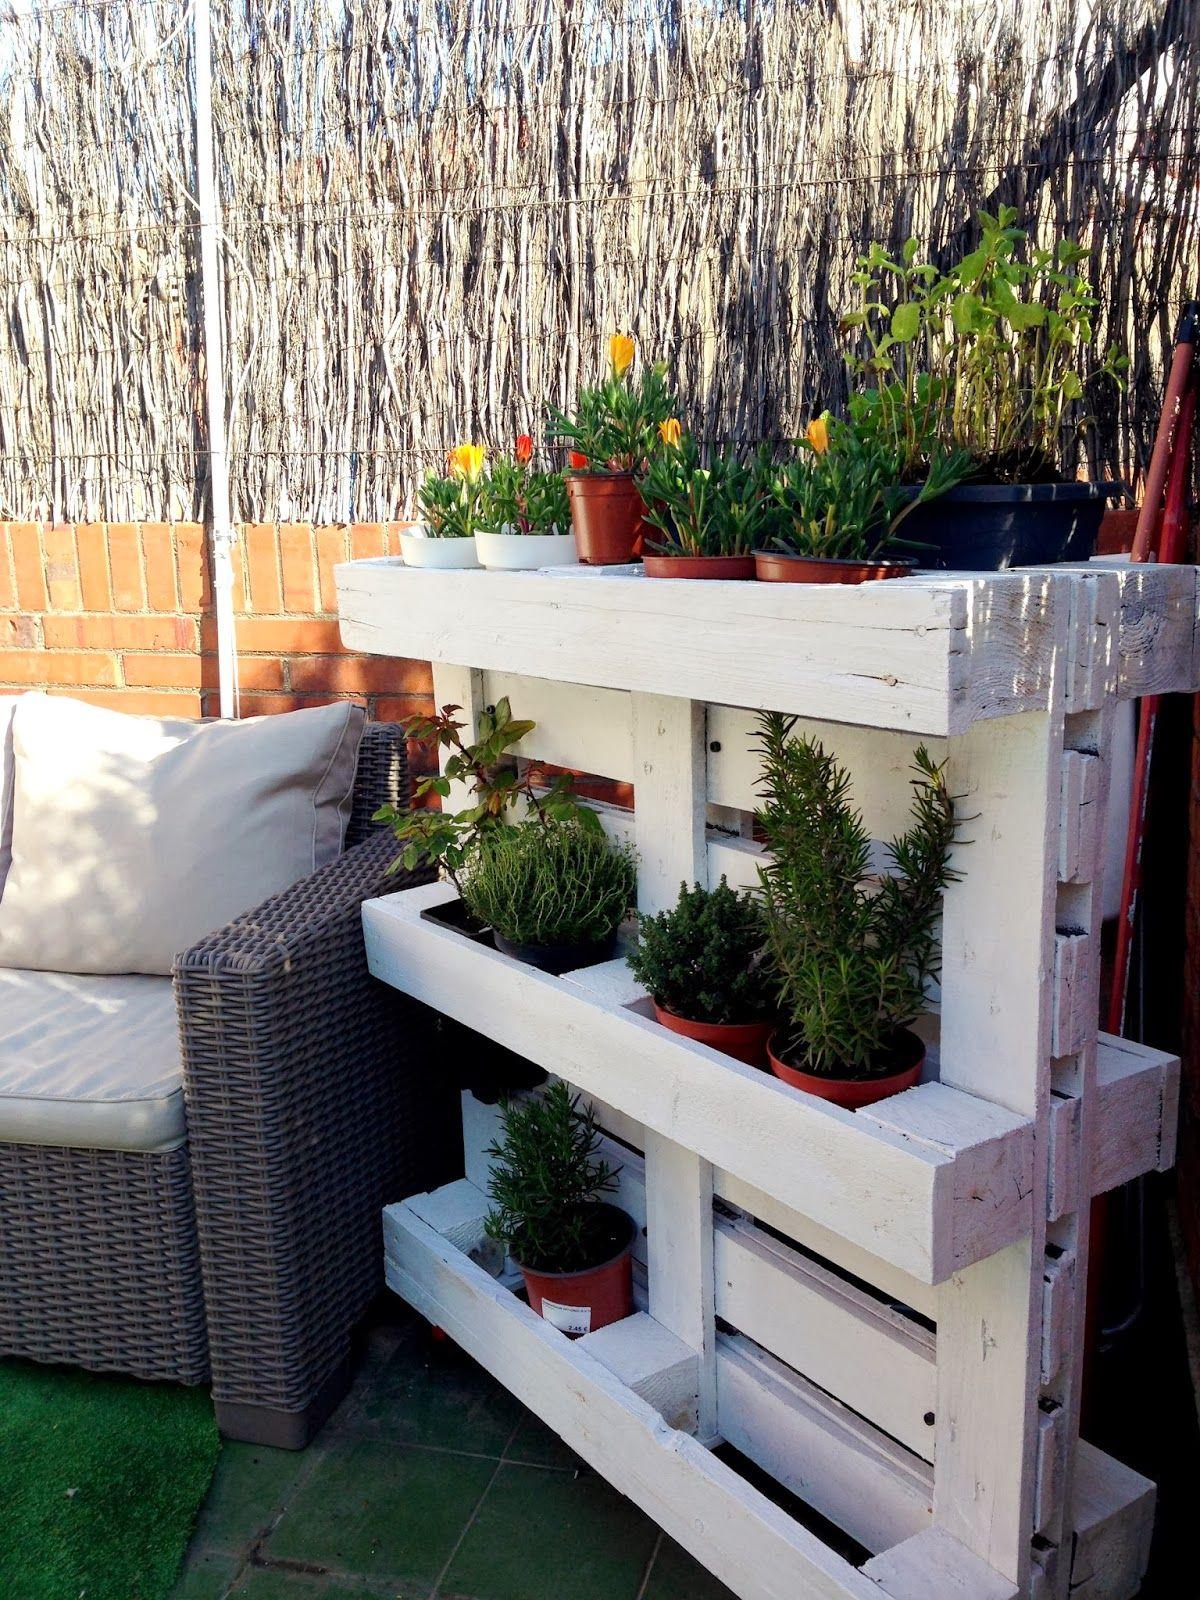 Rojosill n reciclar para hacer maceteros barza - Reciclar palets para jardin ...